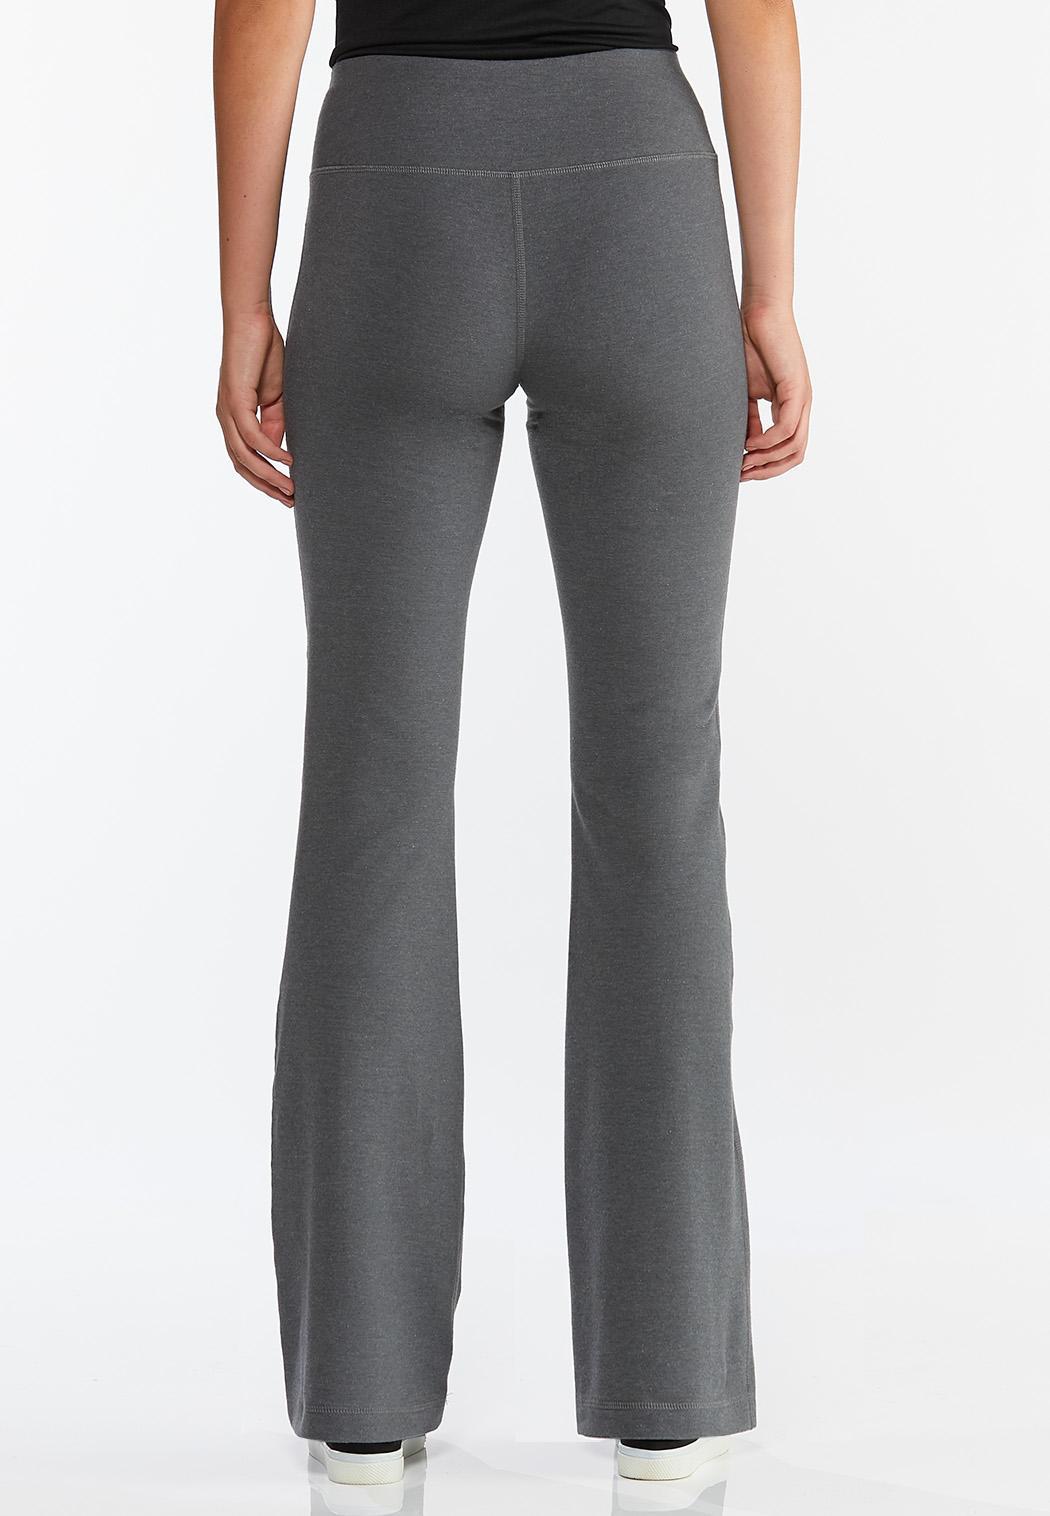 Charcoal Yoga Pants (Item #44386942)